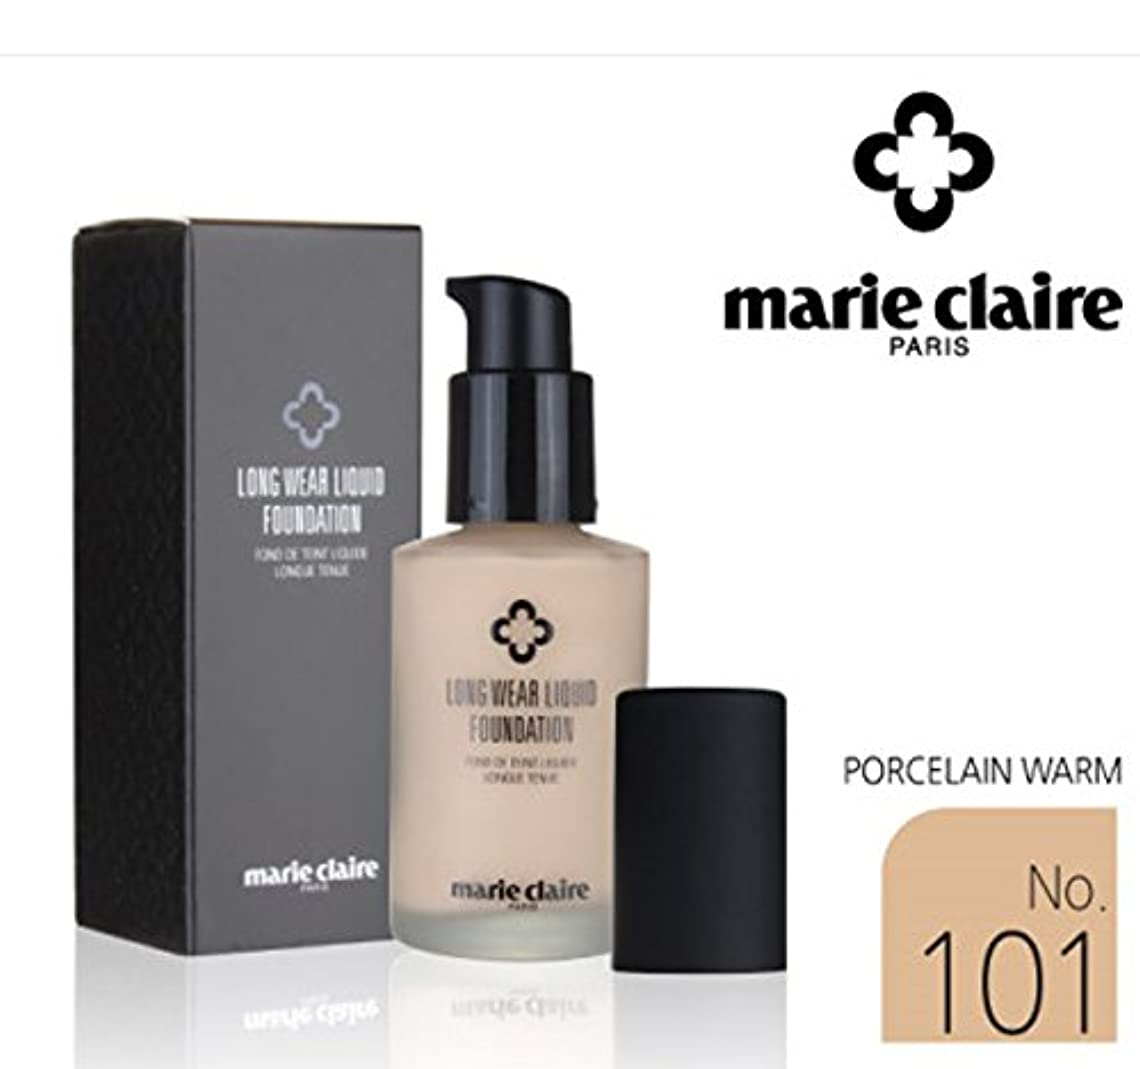 服鉛筆詩[Marie Claire] ロング着用リキッドファンデーションSPF31 PA++30ml / Long Wear Liquid Foundation SPF31 PA ++ 30ml / NO.101 Porcelain Worm / NO.101磁器ワーム / 美白、シワ、紫外線 / whitening, wrinkles, UV ray / 韓国化粧品 / Korean Cosmetics [並行輸入品]